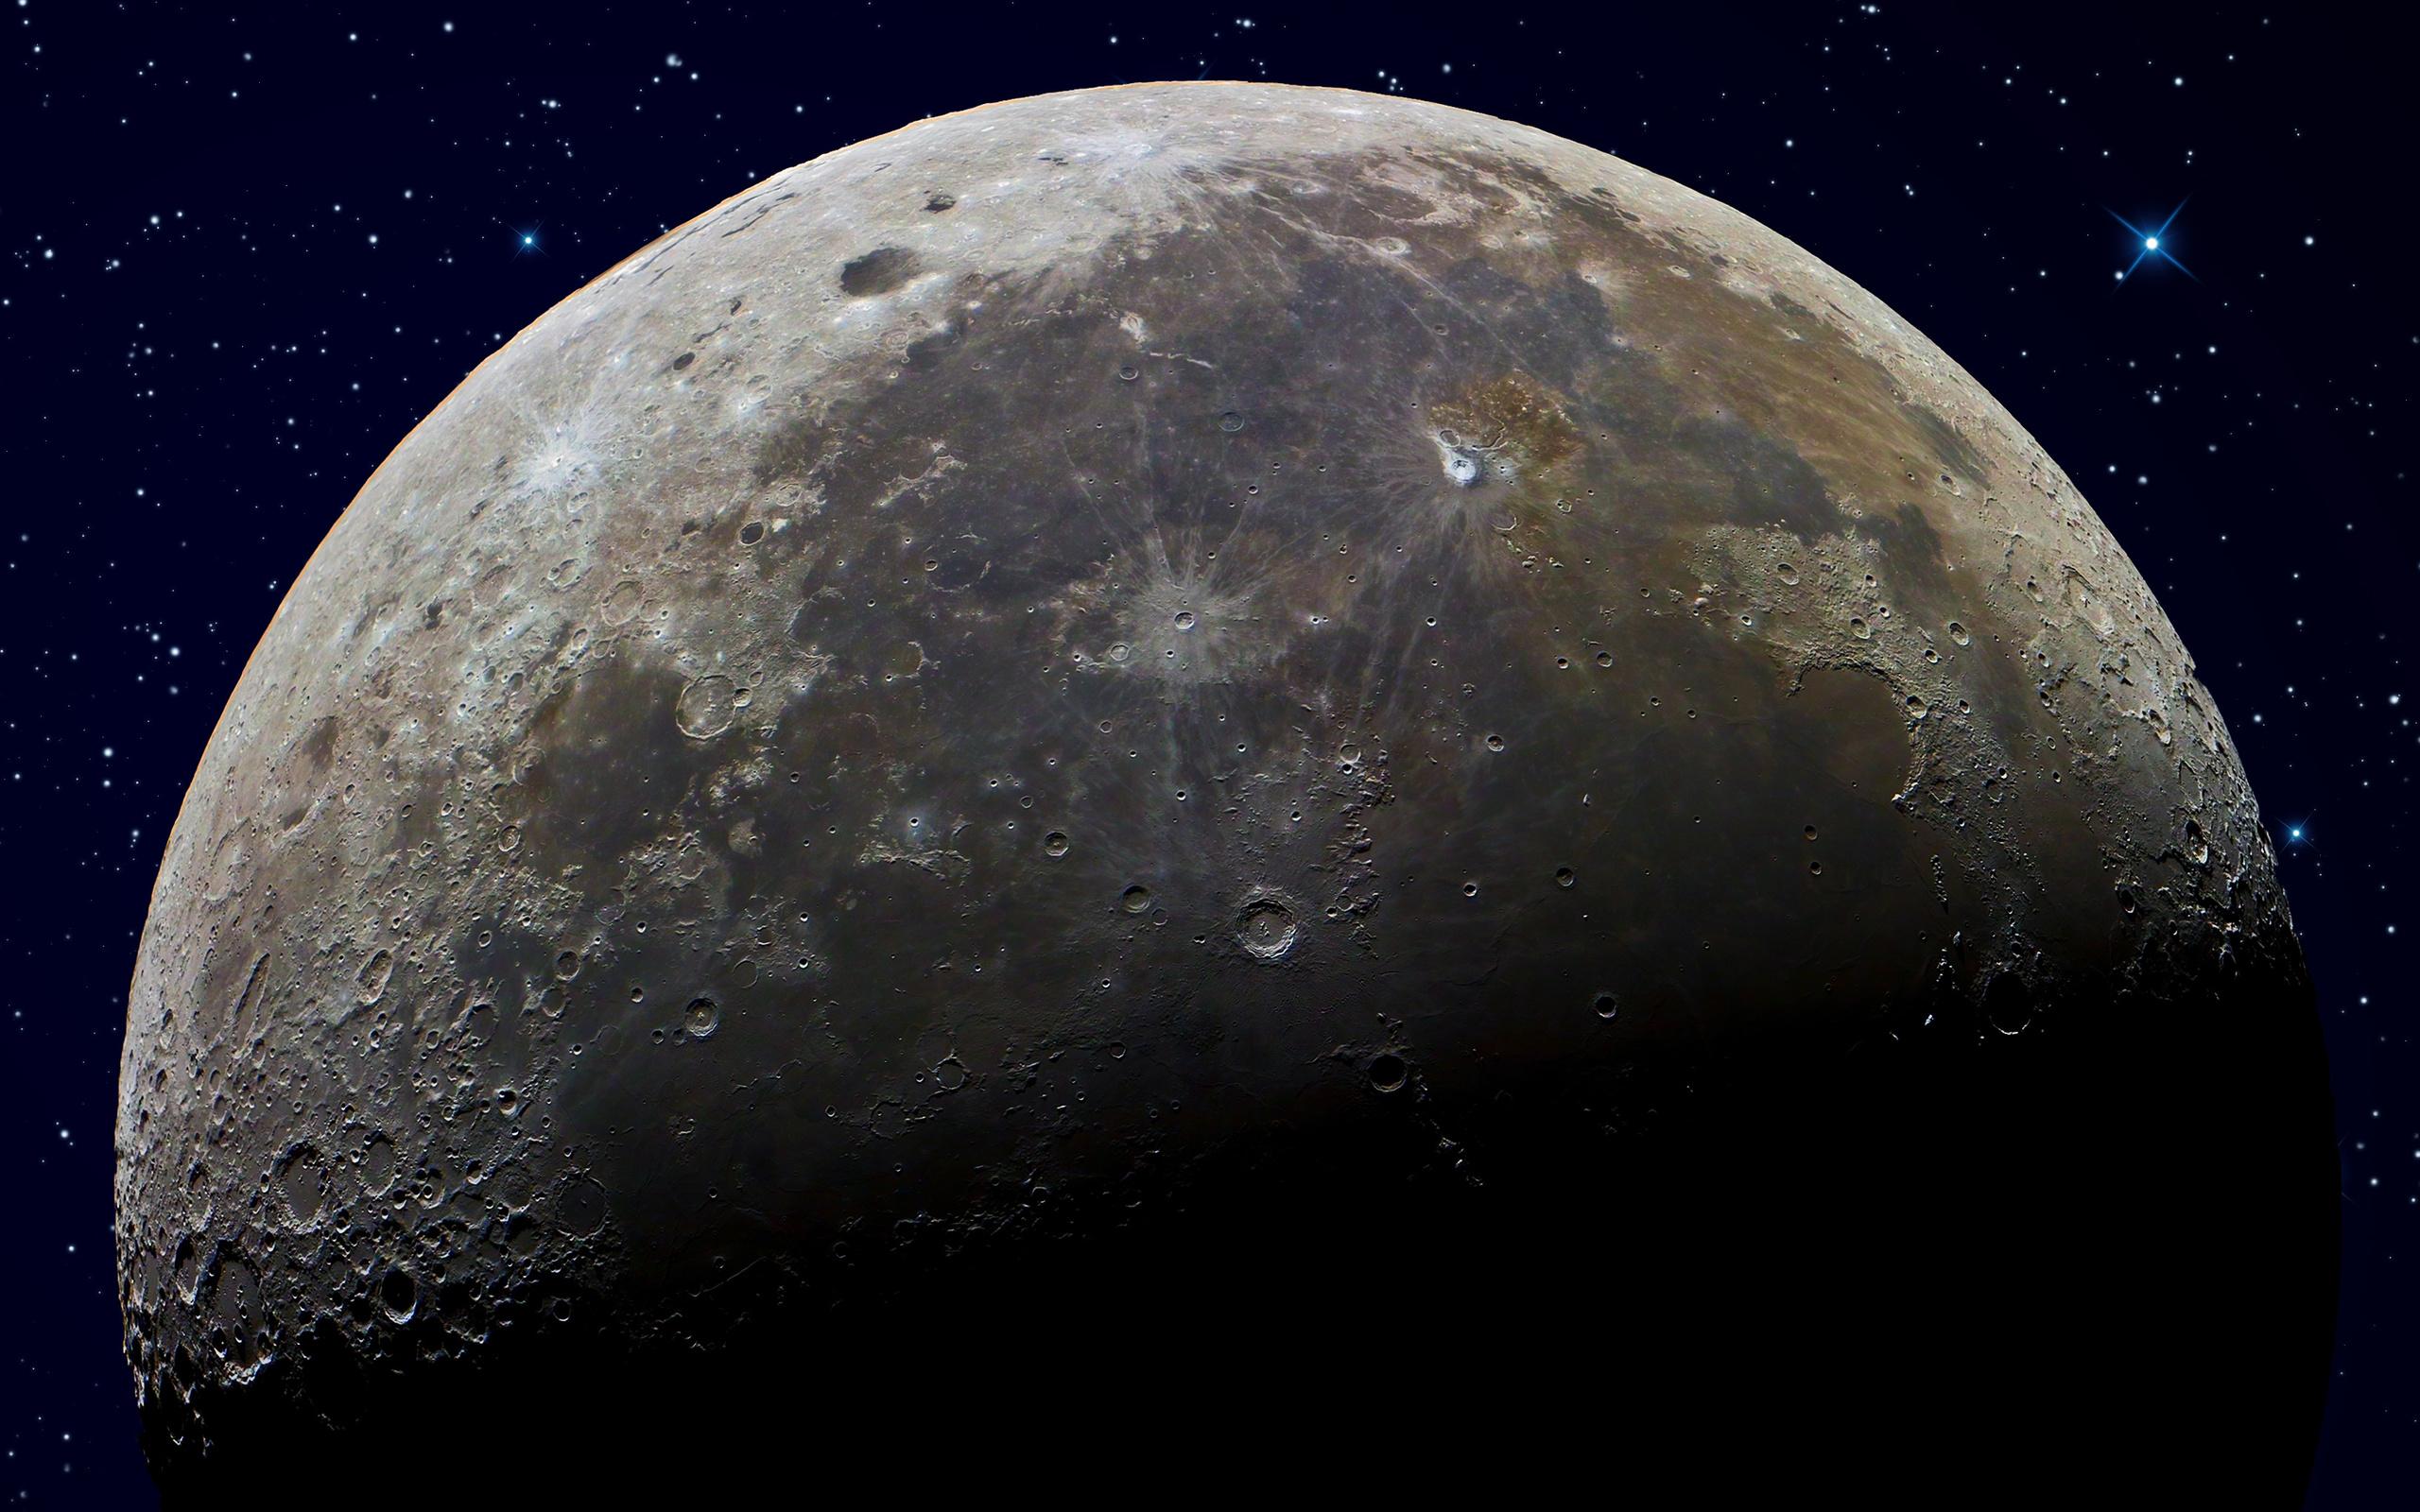 Три компании намерены отправить аппараты на луну в ближайшие два года